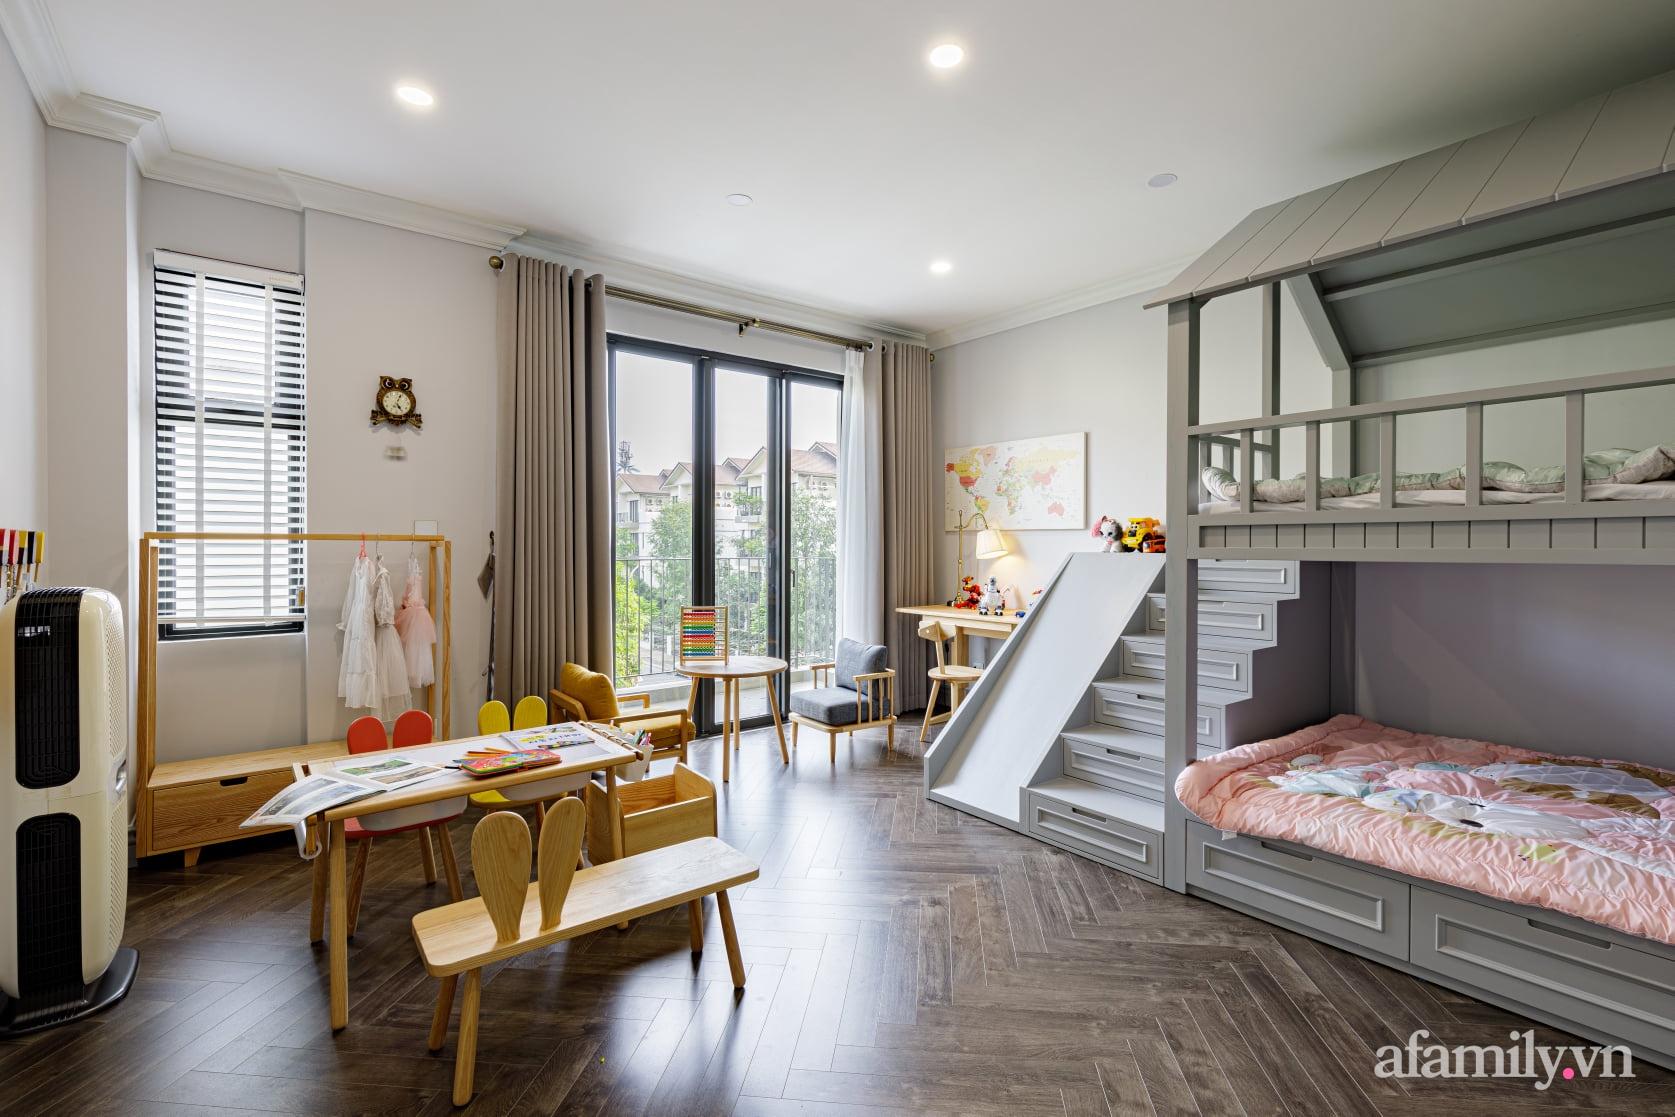 Nhà phố 3 tầng đẹp sang trọng với nội thất cực chất theo phong cách Traditional ở Hà Nội - Ảnh 25.